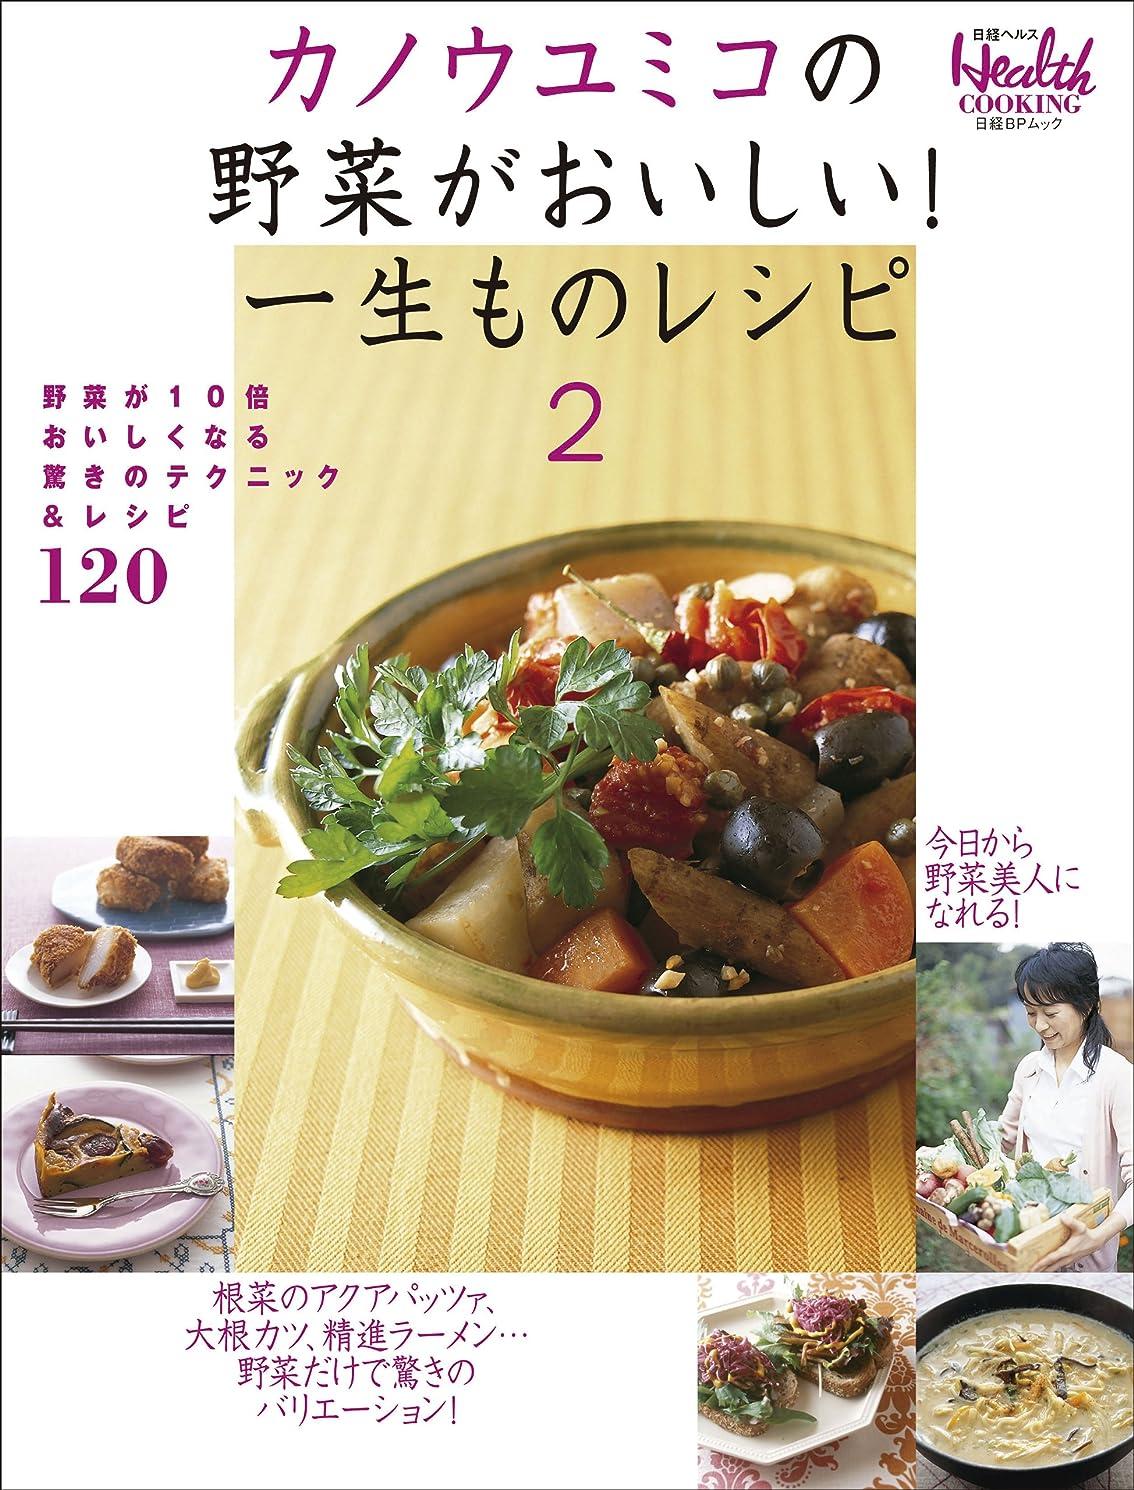 インフラライセンスモノグラフカノウユミコの野菜がおいしい! 一生ものレシピ2 (日経BPムック 日経ヘルスCOOKING)